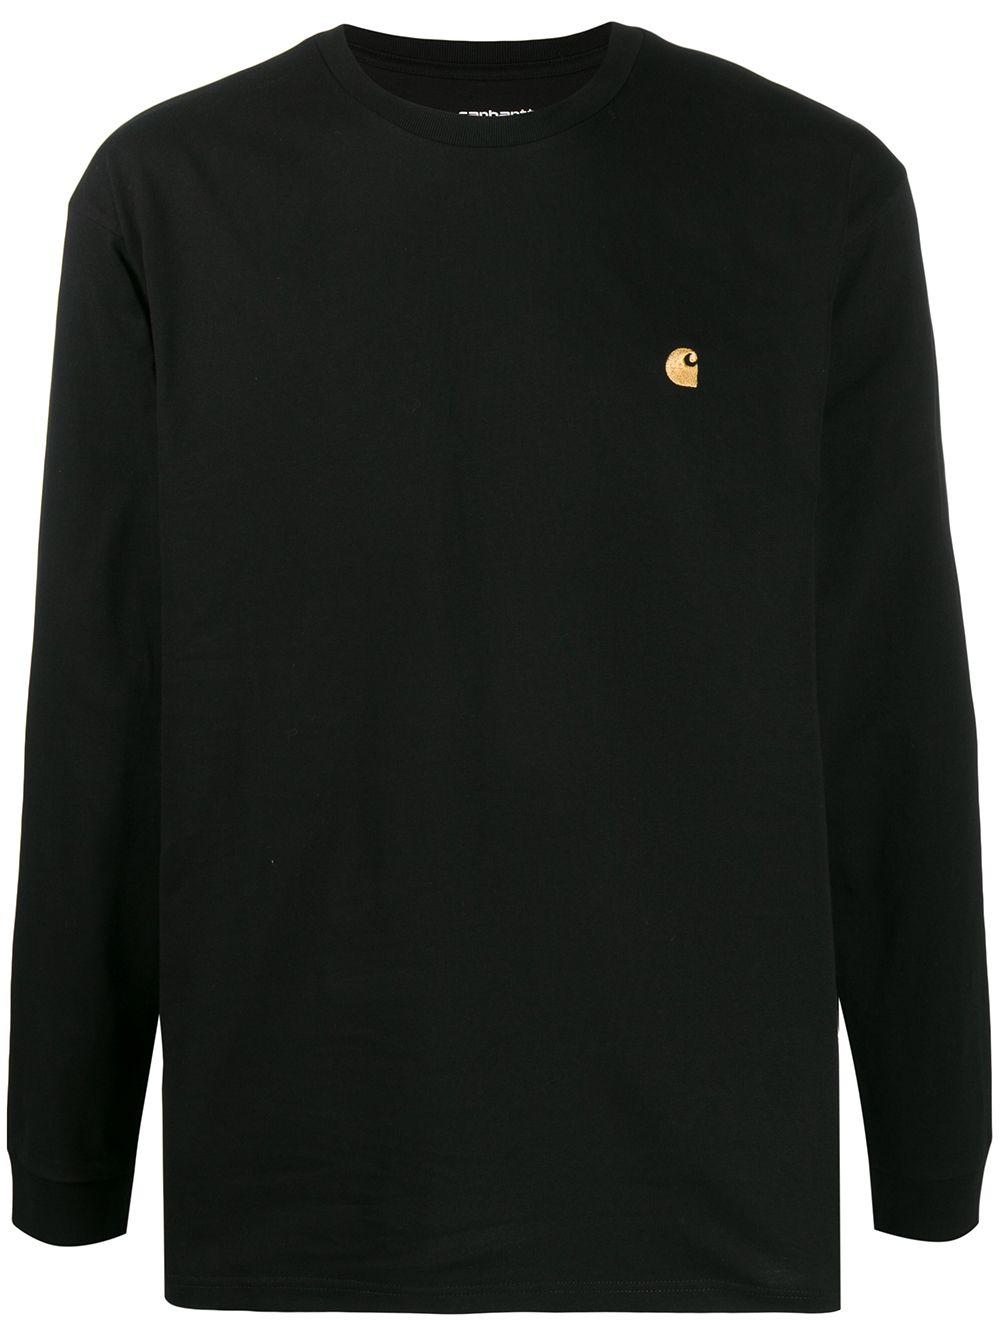 long sleeves t-shirt man black in cotton CARHARTT WIP | T-shirts | I02639200F.XX